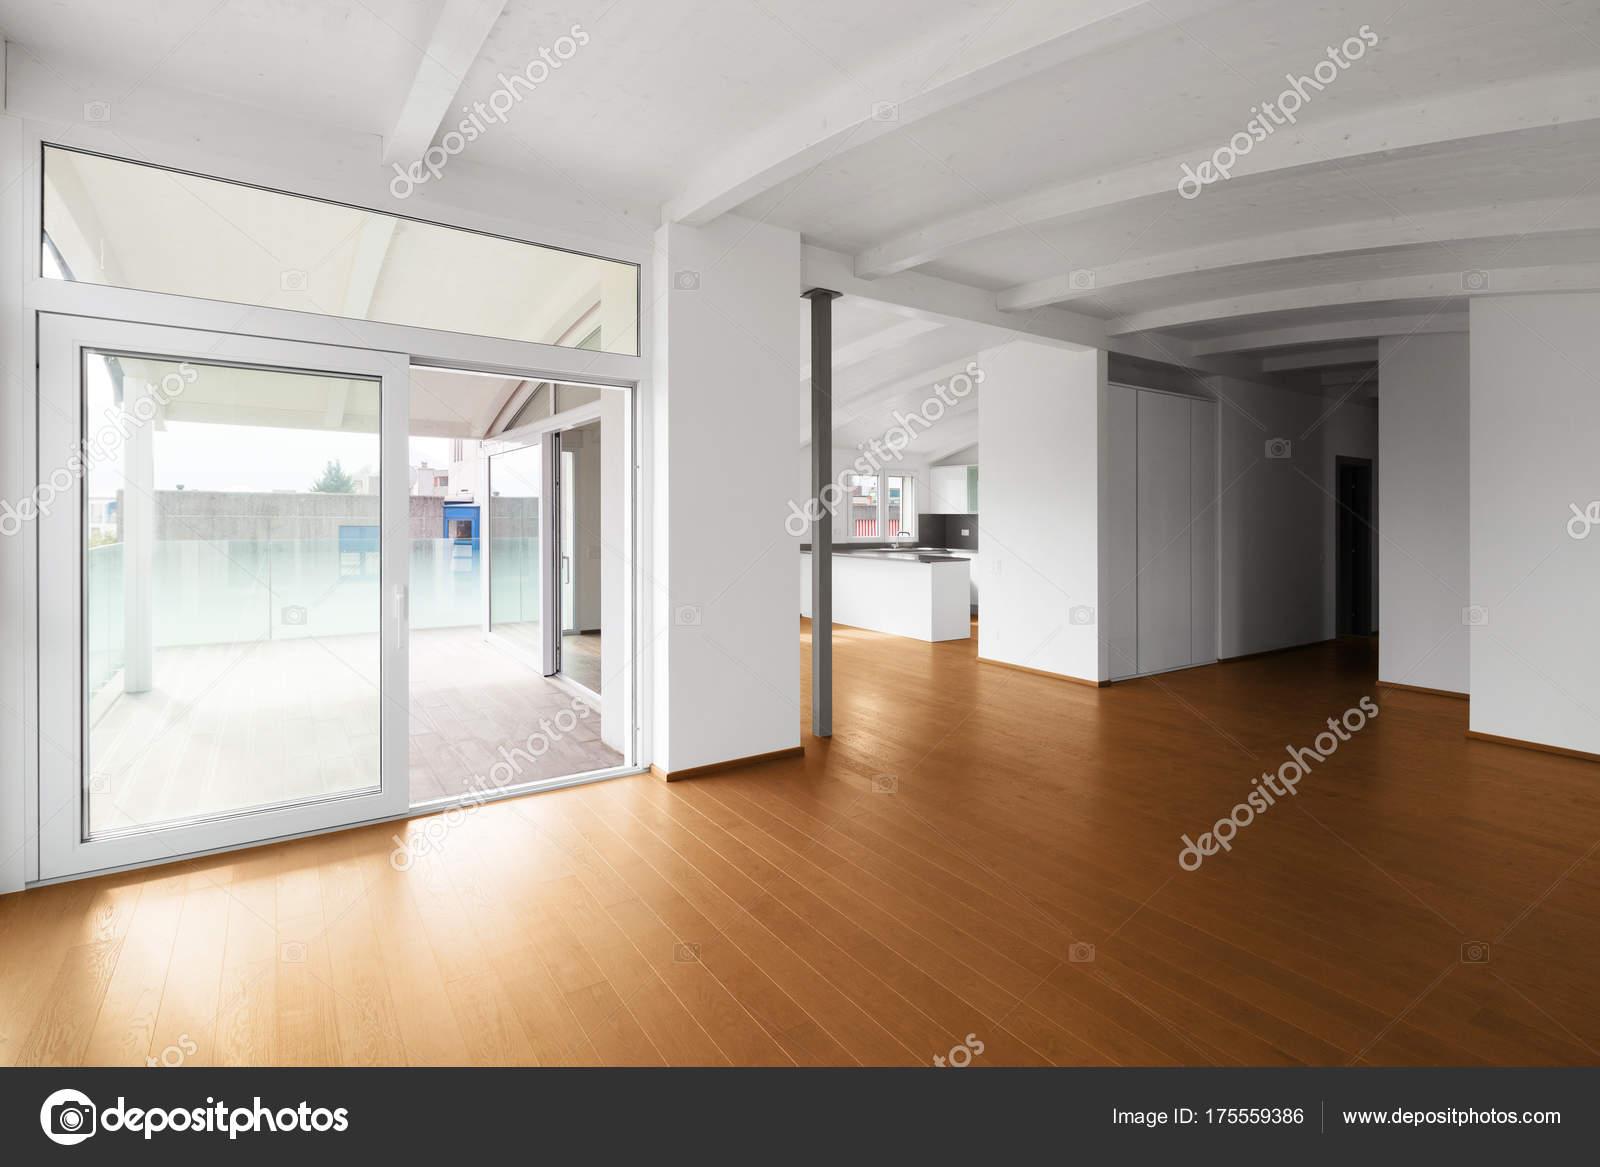 Moderne Dachgeschoss, Leeren Wohnzimmer U2014 Stockfoto